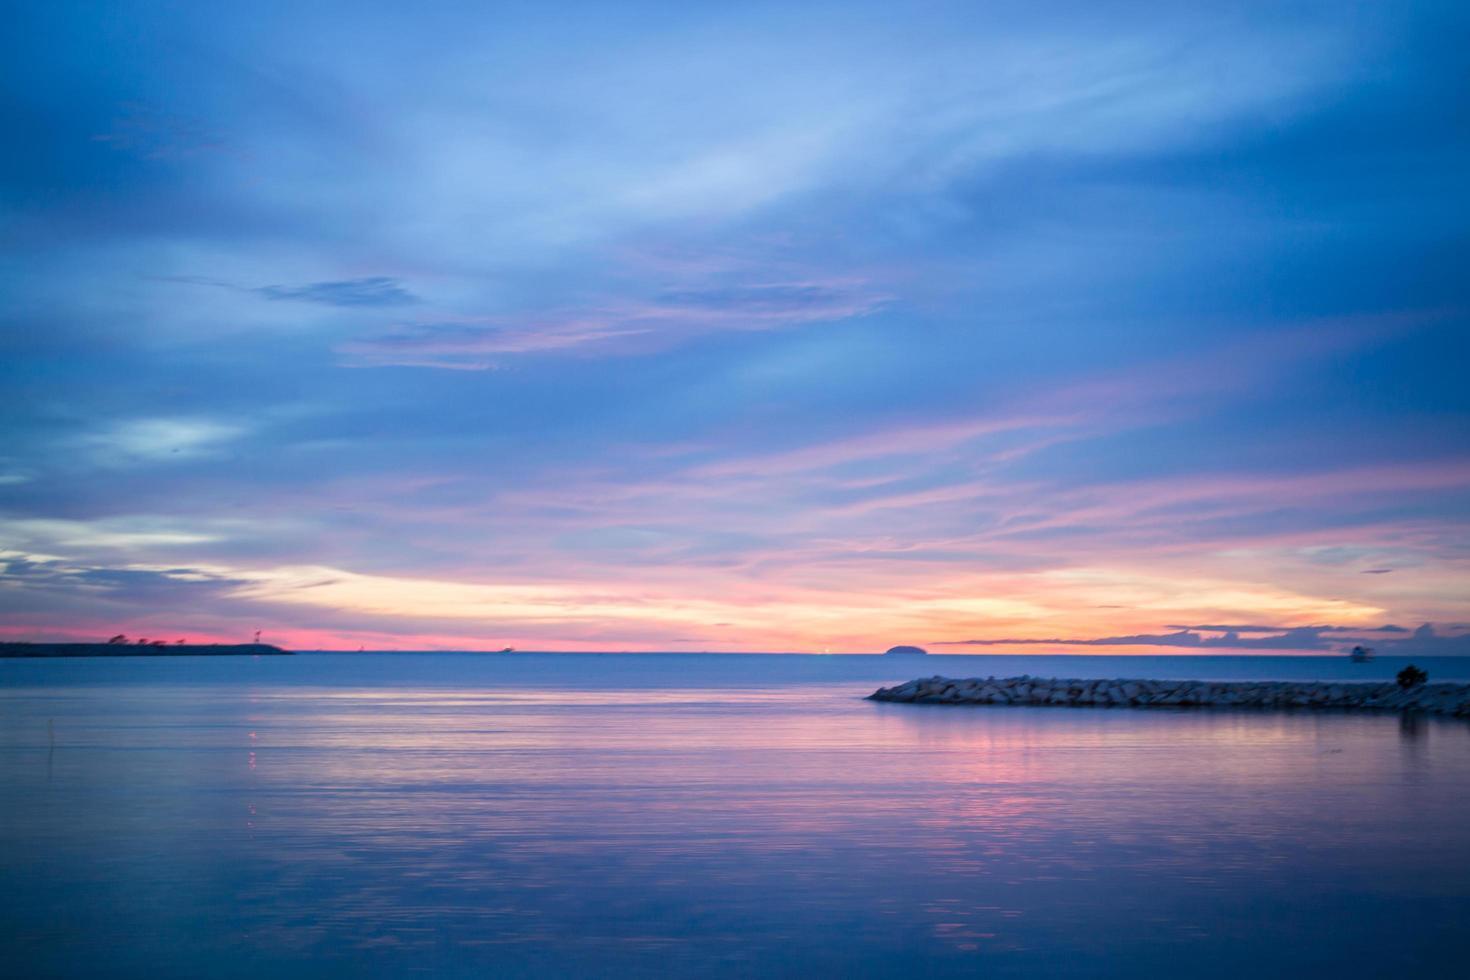 Entspannender Sonnenuntergang an der Küste foto